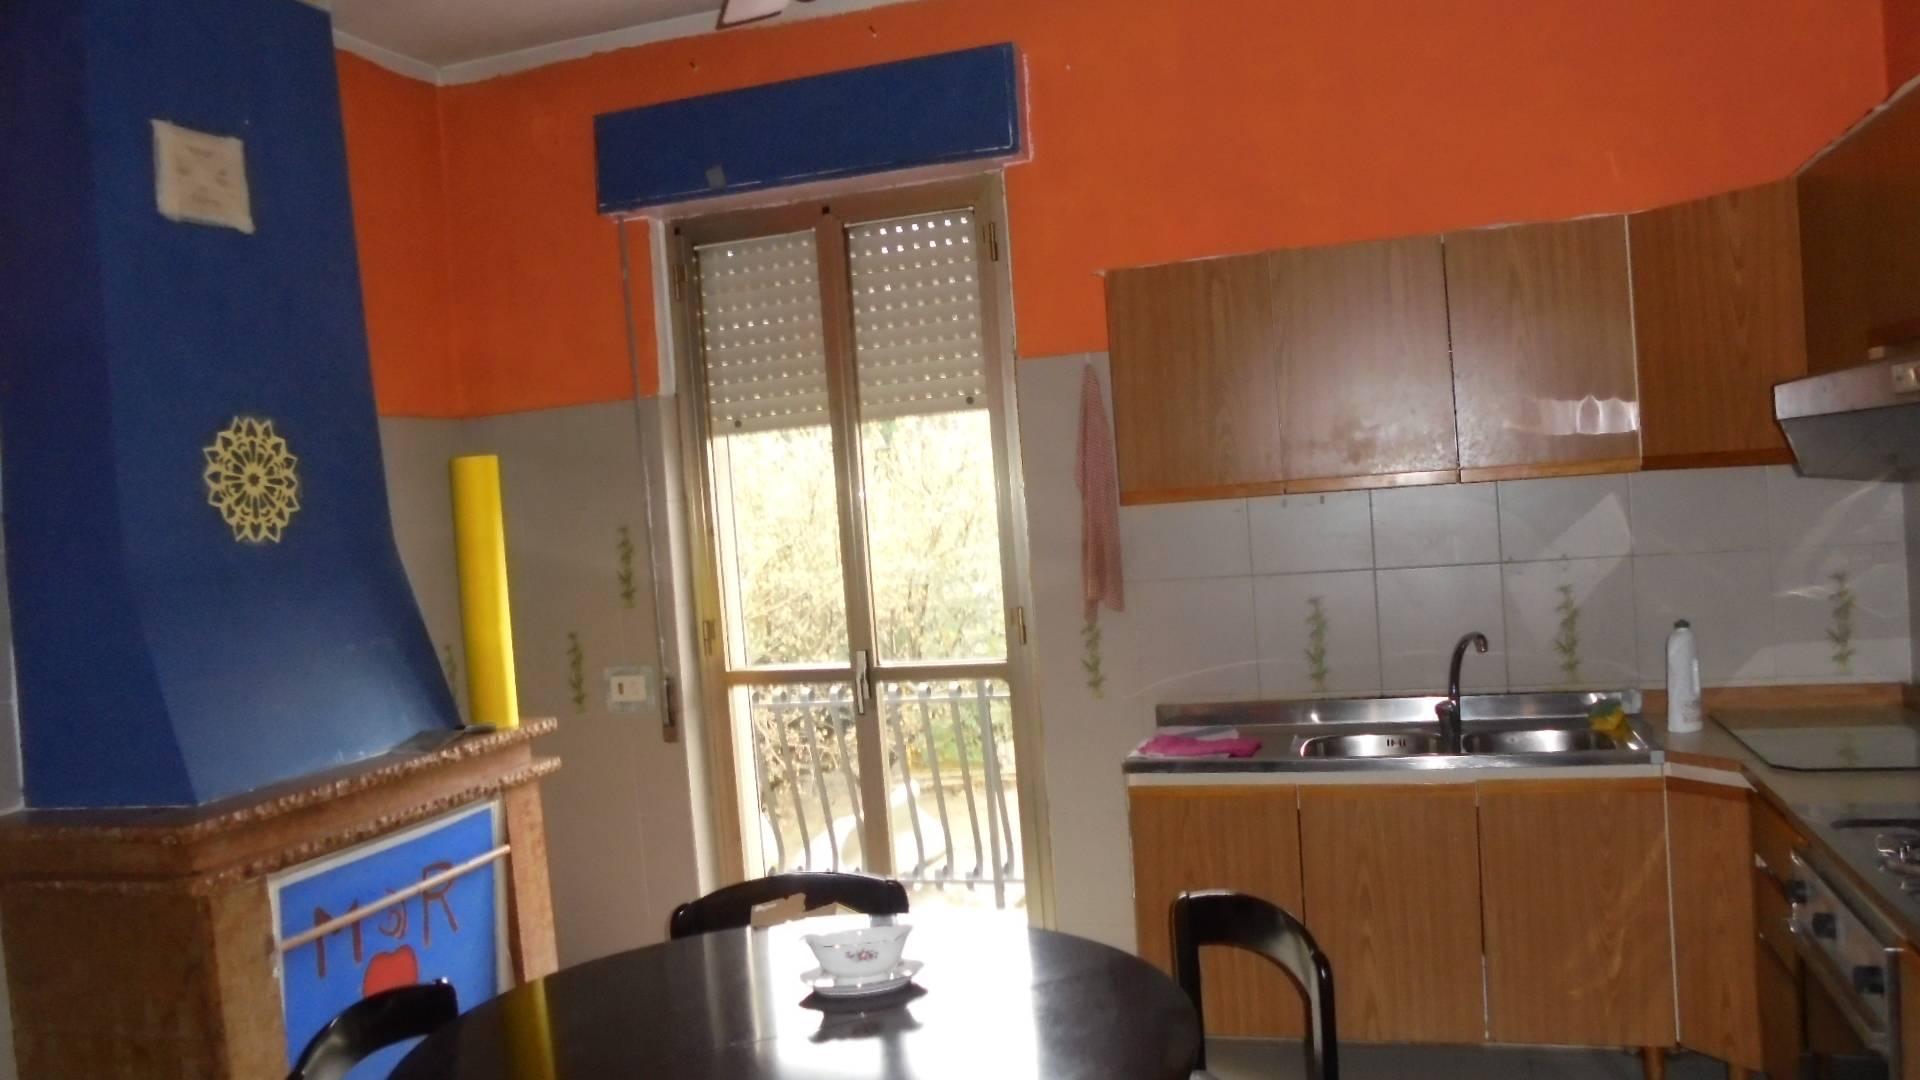 Appartamento con posto auto scoperto a Chieti - tricalle - 01